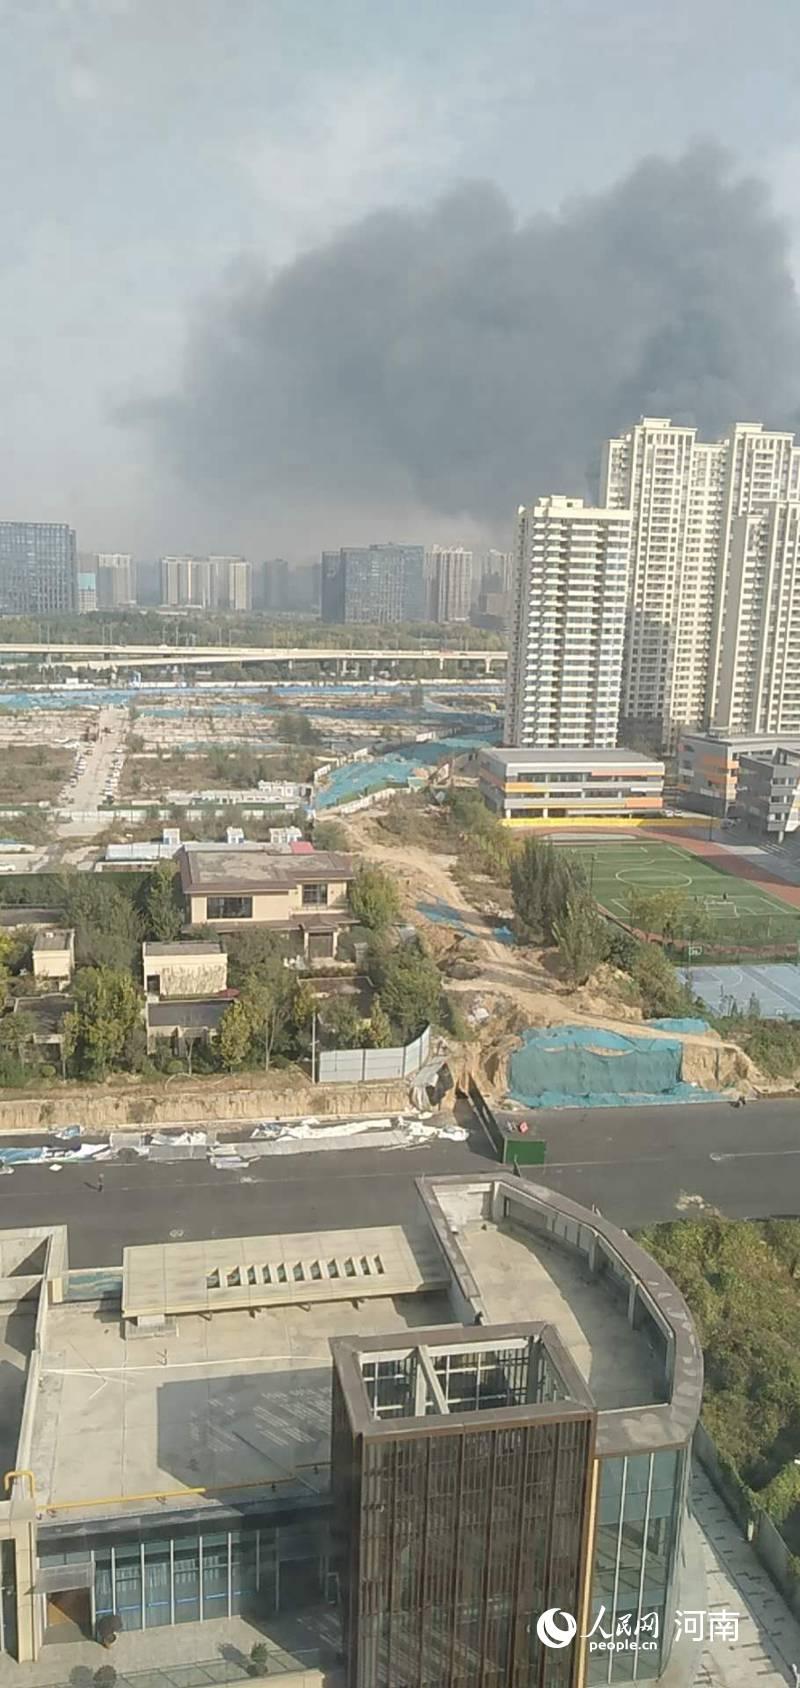 郑州南四环突发大火 未造成人员伤亡